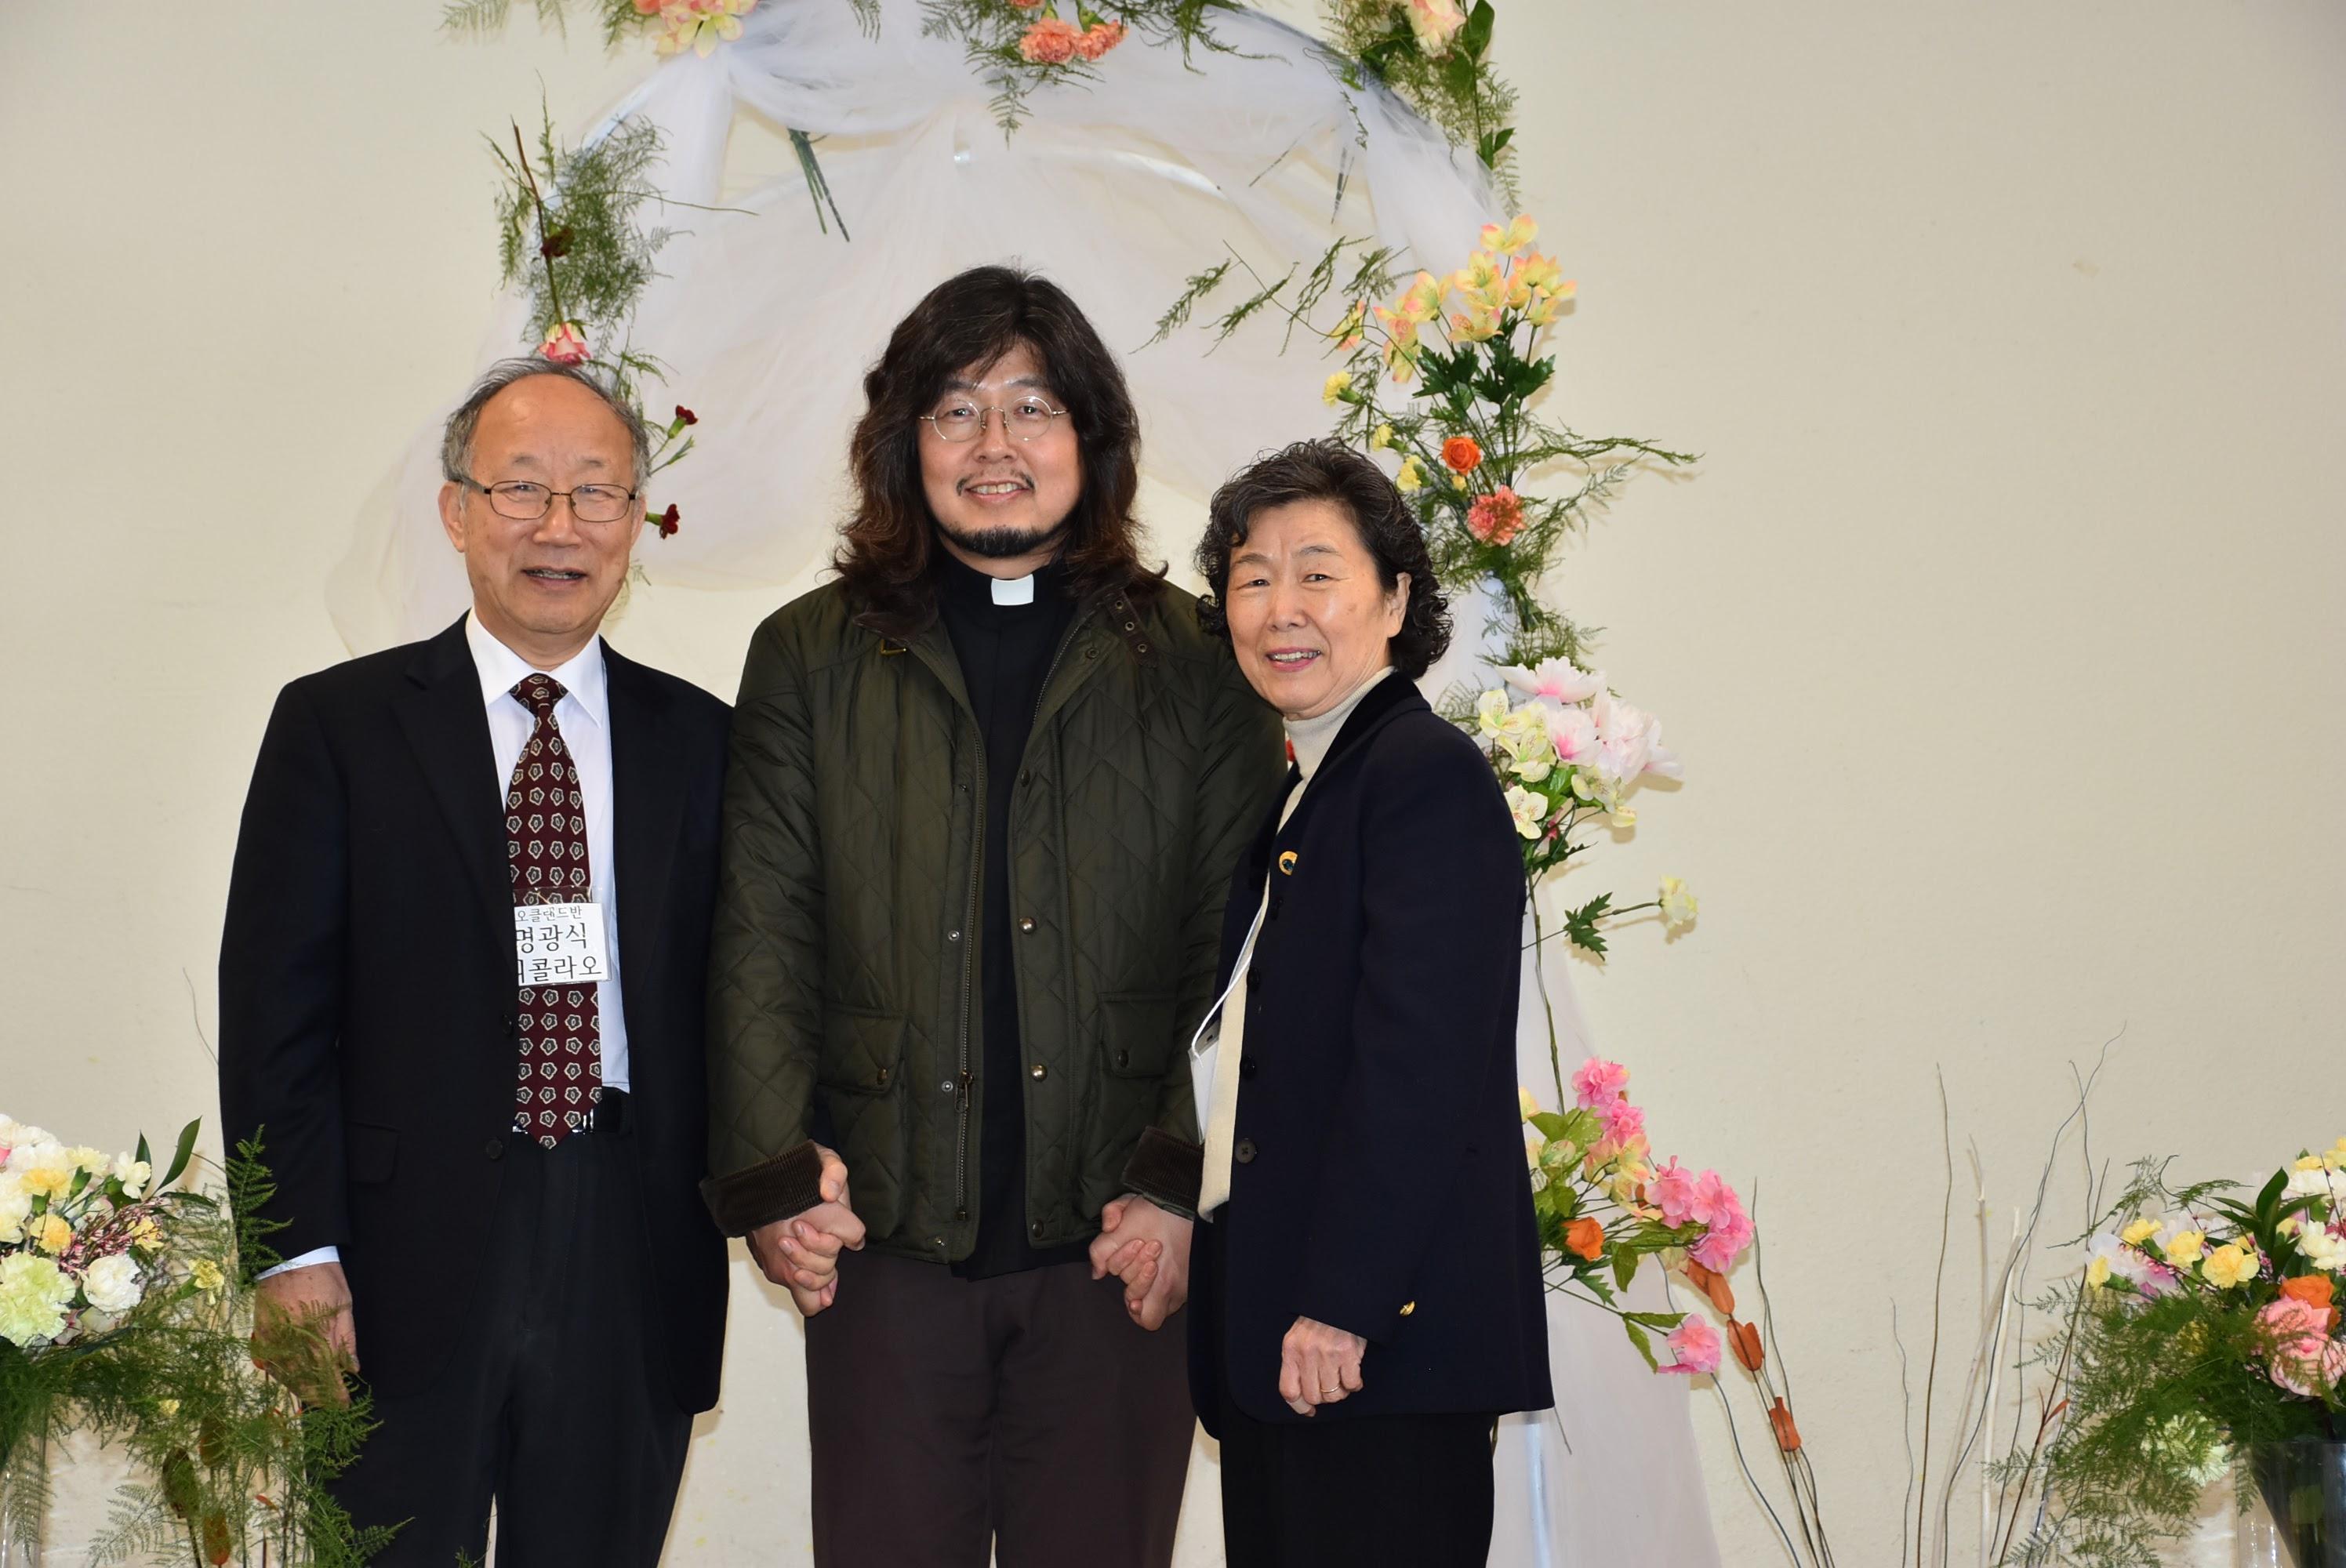 2017-2-26 혼인 갱신식 & 전체신자 사진촬영